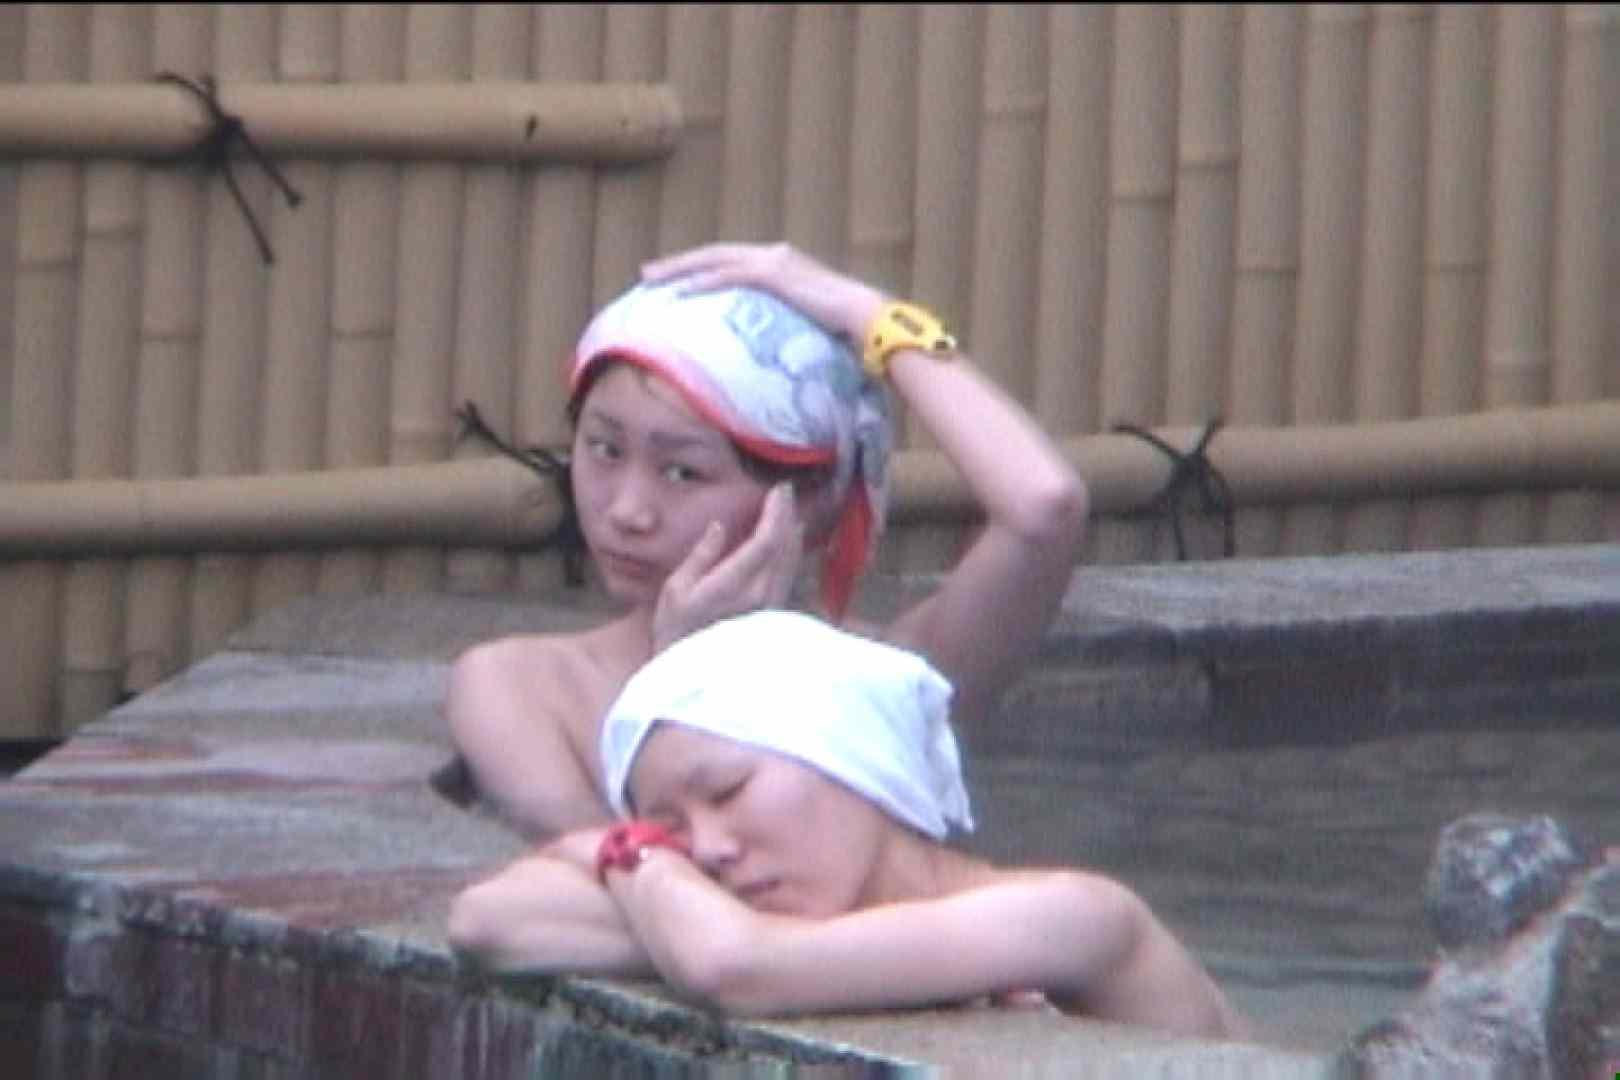 Aquaな露天風呂Vol.91【VIP限定】 OLエロ画像  104PICs 51